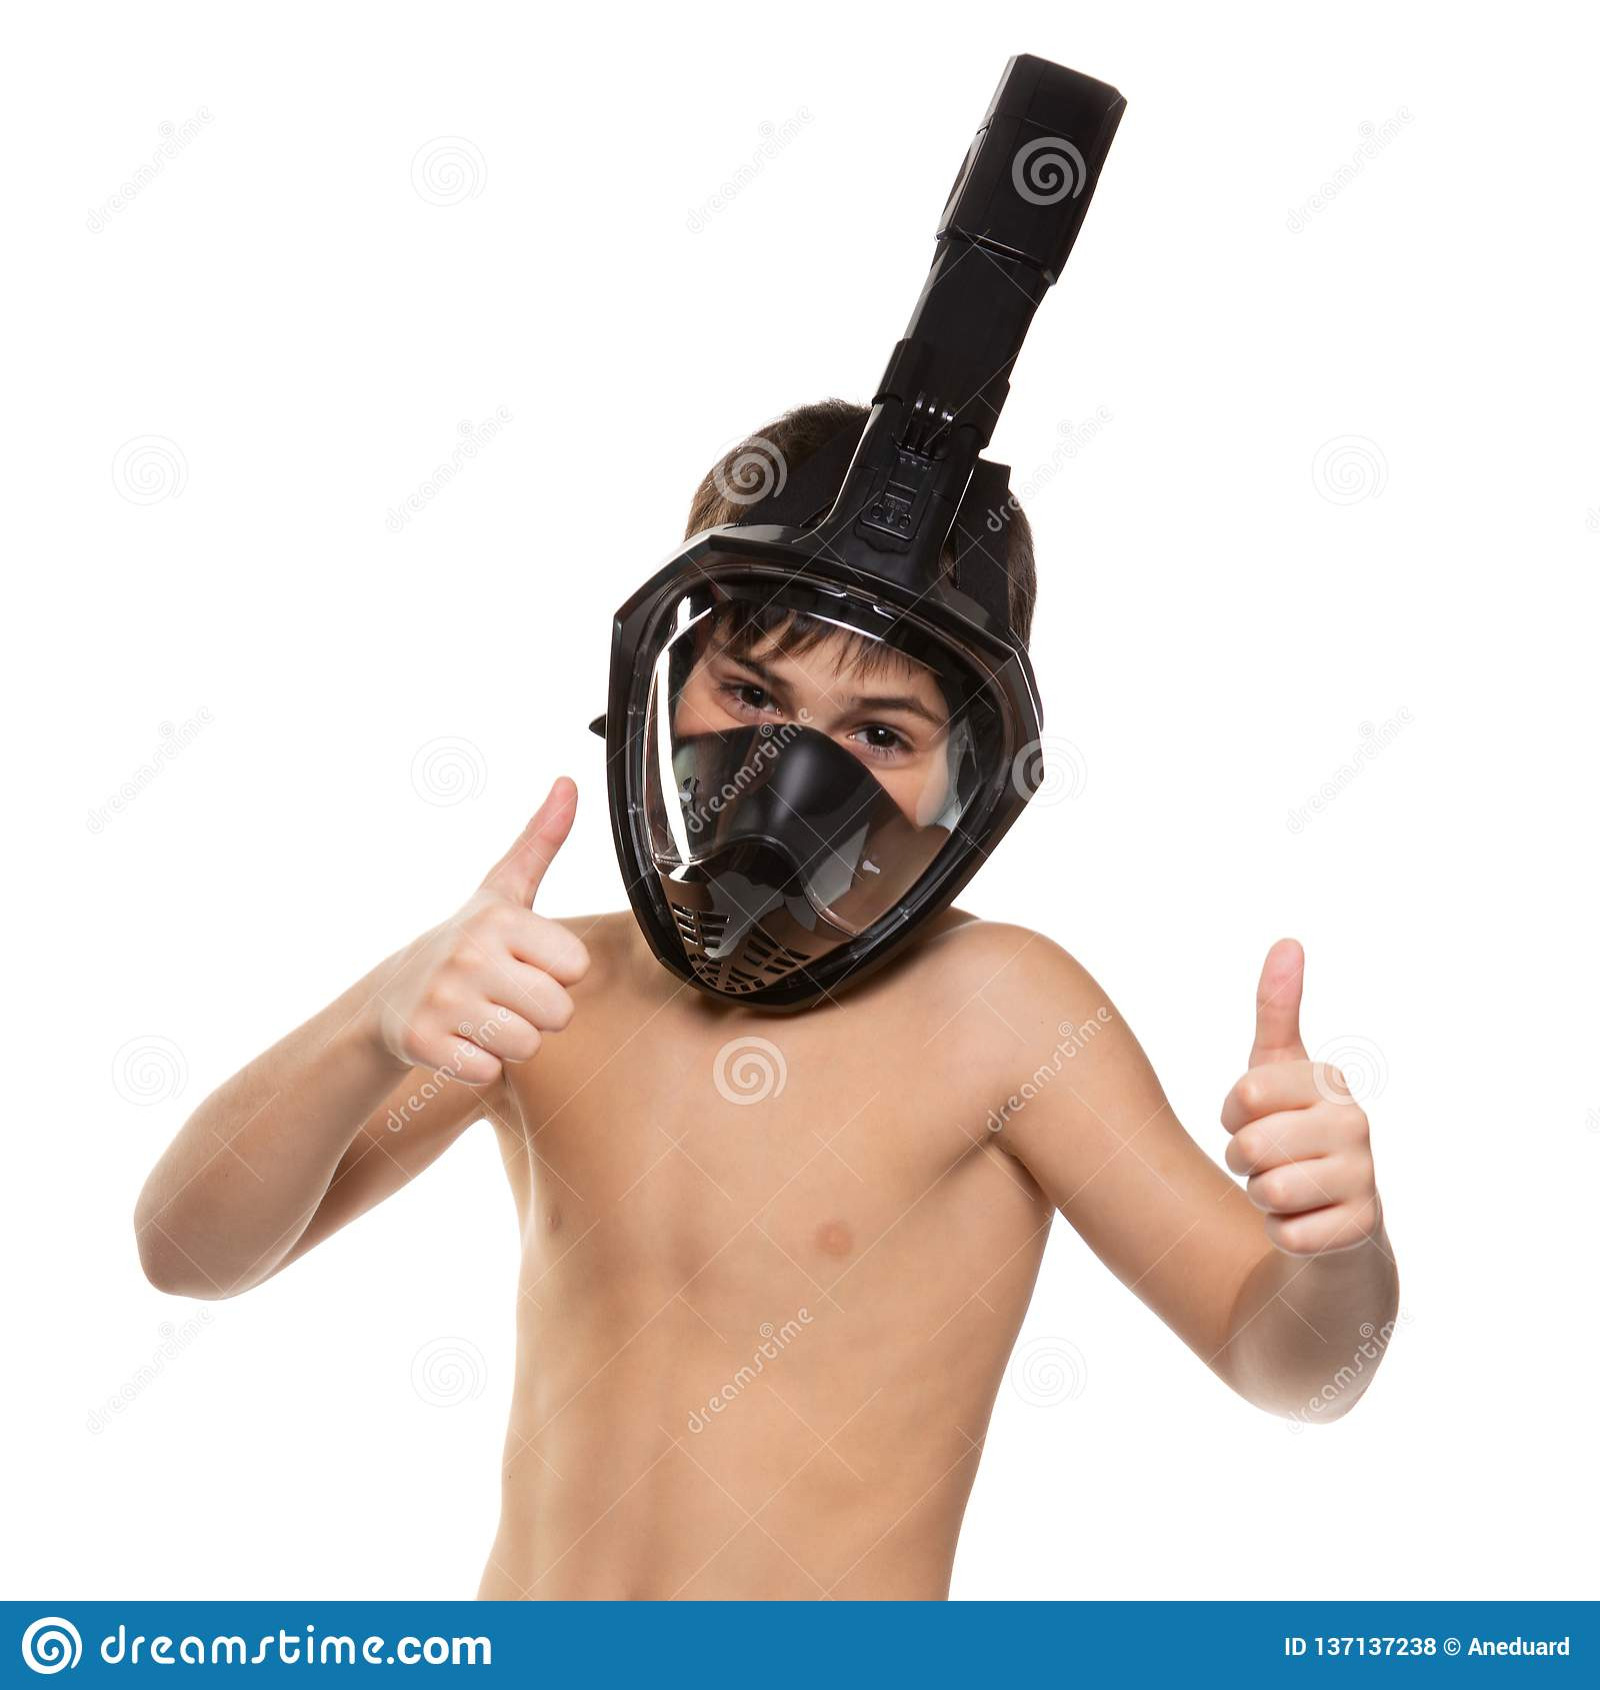 De jongensatleet met een volledig gezicht het duiken masker op zijn gezicht, jongen toont gebaren, levensstijlconcept, op een wit